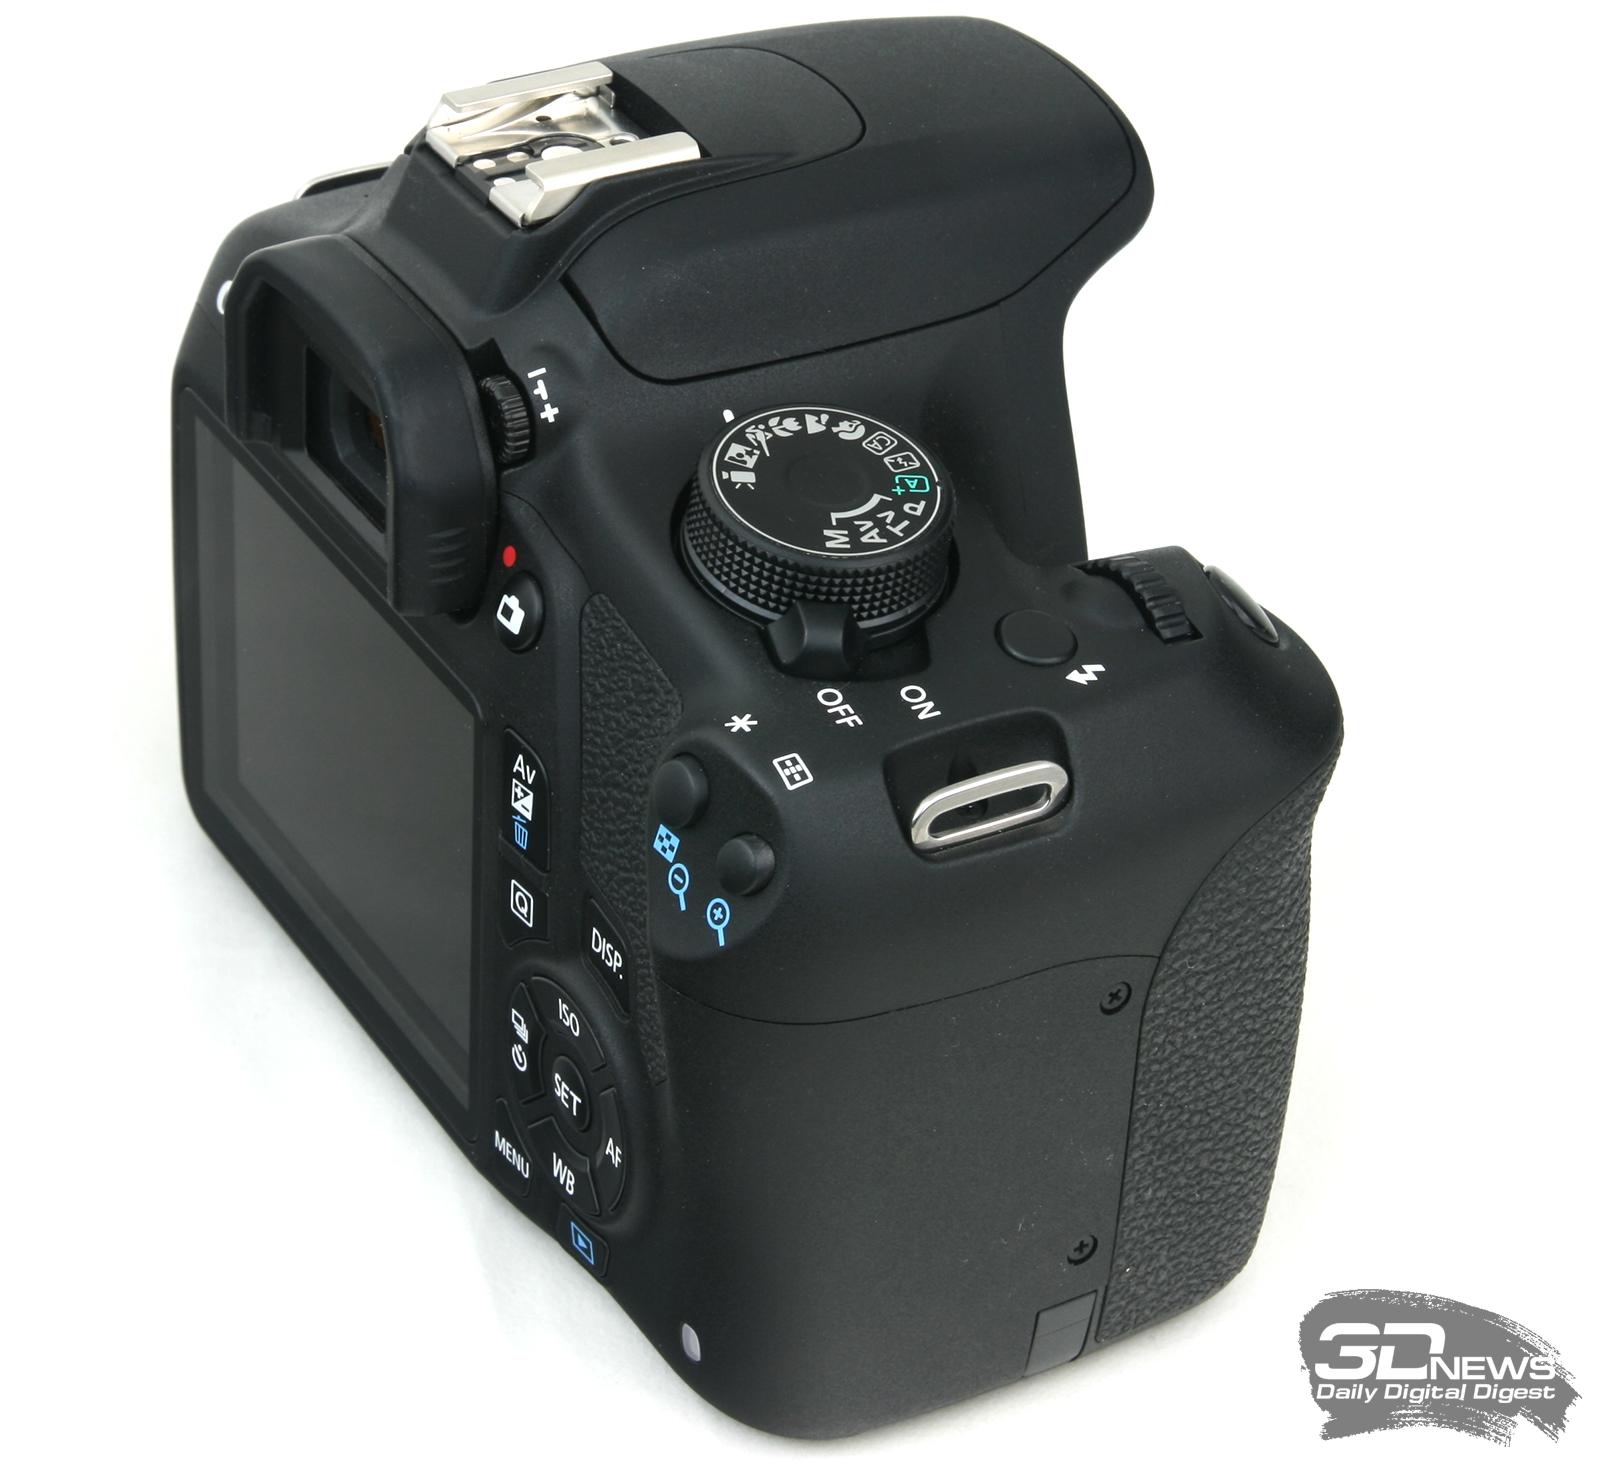 Самостоятельный ремонт фотоаппаратов прокурор